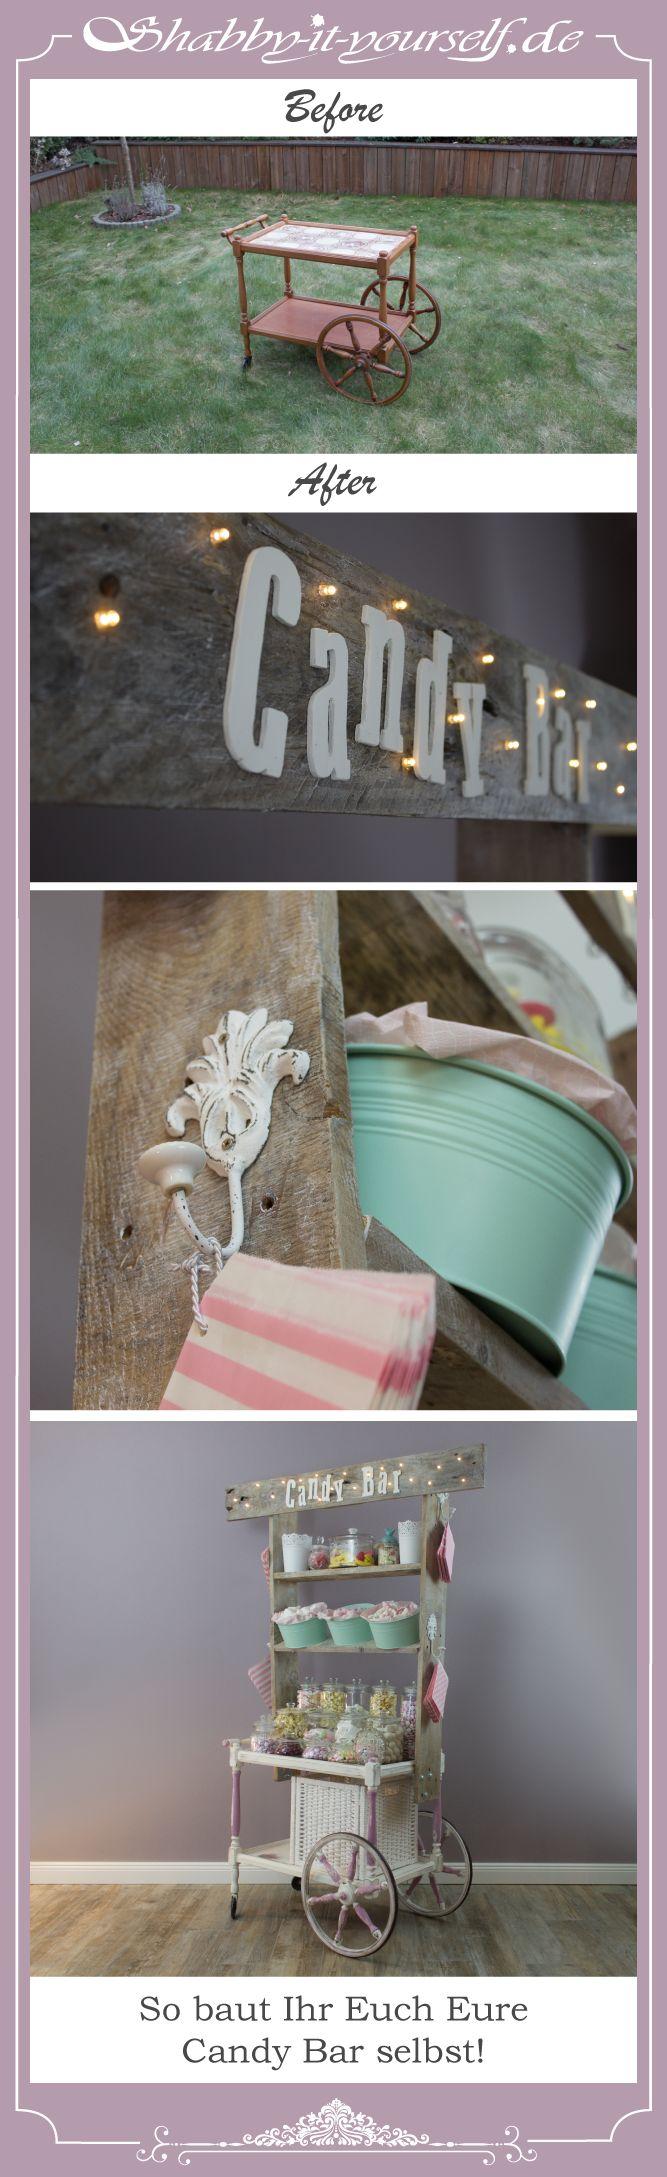 Build your own Vintage Wedding Candy Bar! Give your sweets a shabby chic place to be! :) Ich zeige Euch, wie ich aus einem alten Servierwagen meine eigene Candy Bar gebaut habe. Besucht meine Seite, folgt mir und lasst Euch von immer neuen Projekten inspirieren! Follow me and get inspired! Webseite: http://www.shabby-it-yourself.de/ Facebook: https://www.facebook.com/shabbyityourself Instagram: https://www.instagram.com/shabbyityourself/